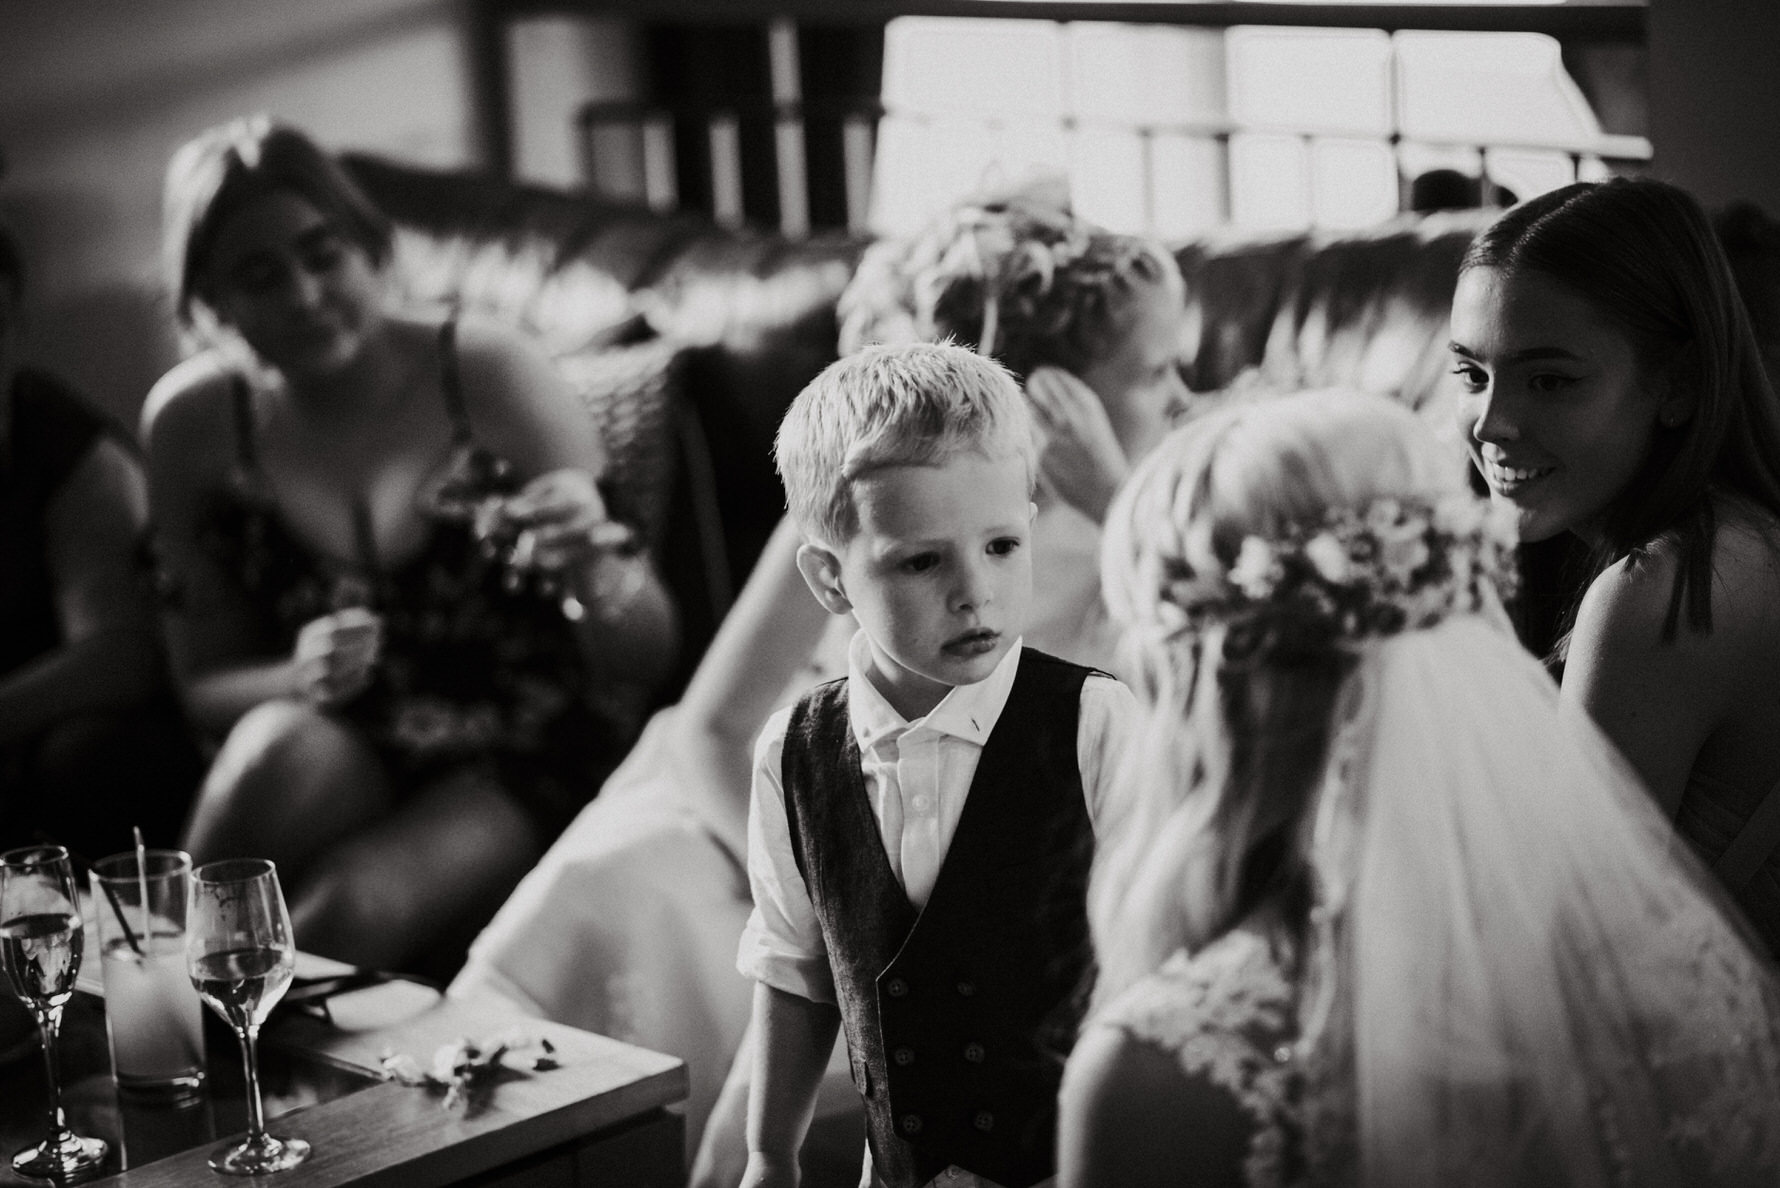 Cheshire Documentary Wedding Photography in Dunham Massey